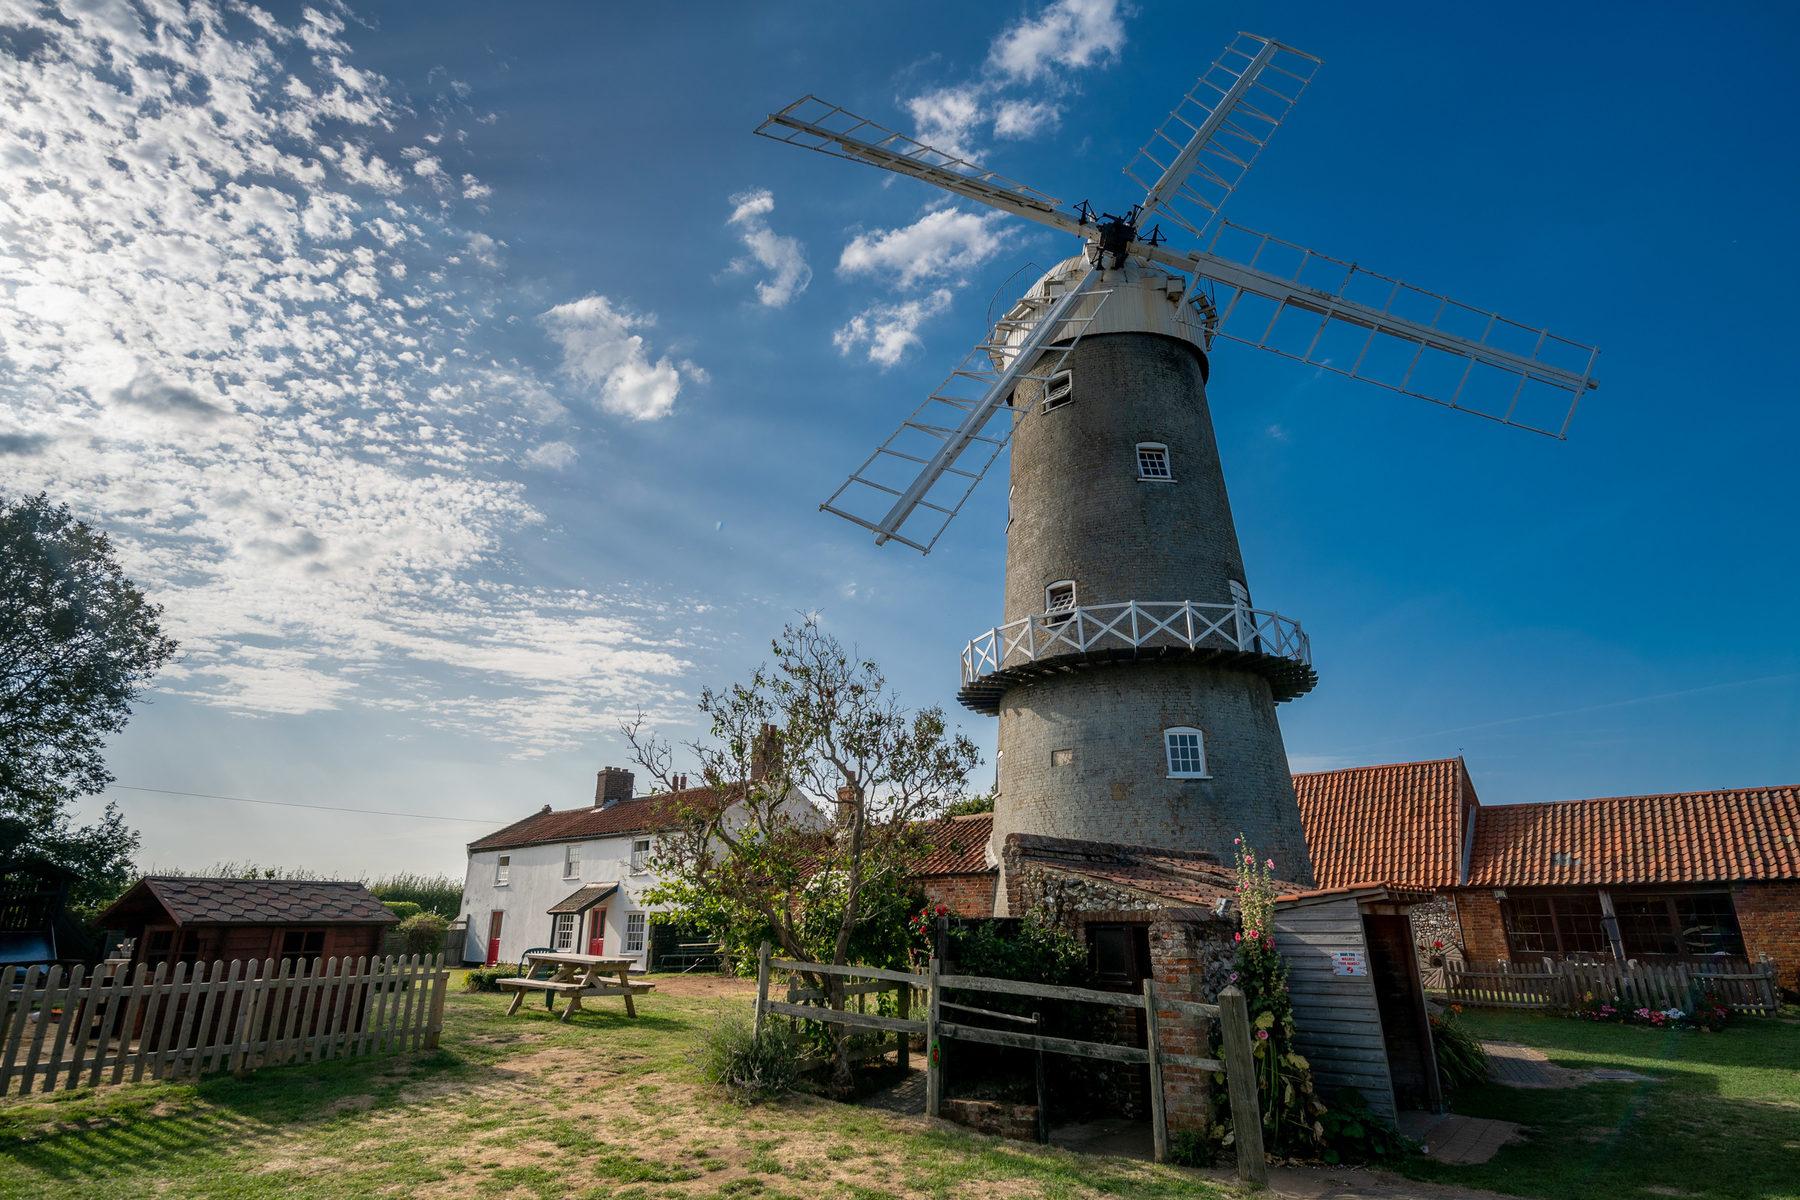 020 Bircham Windmill 2018